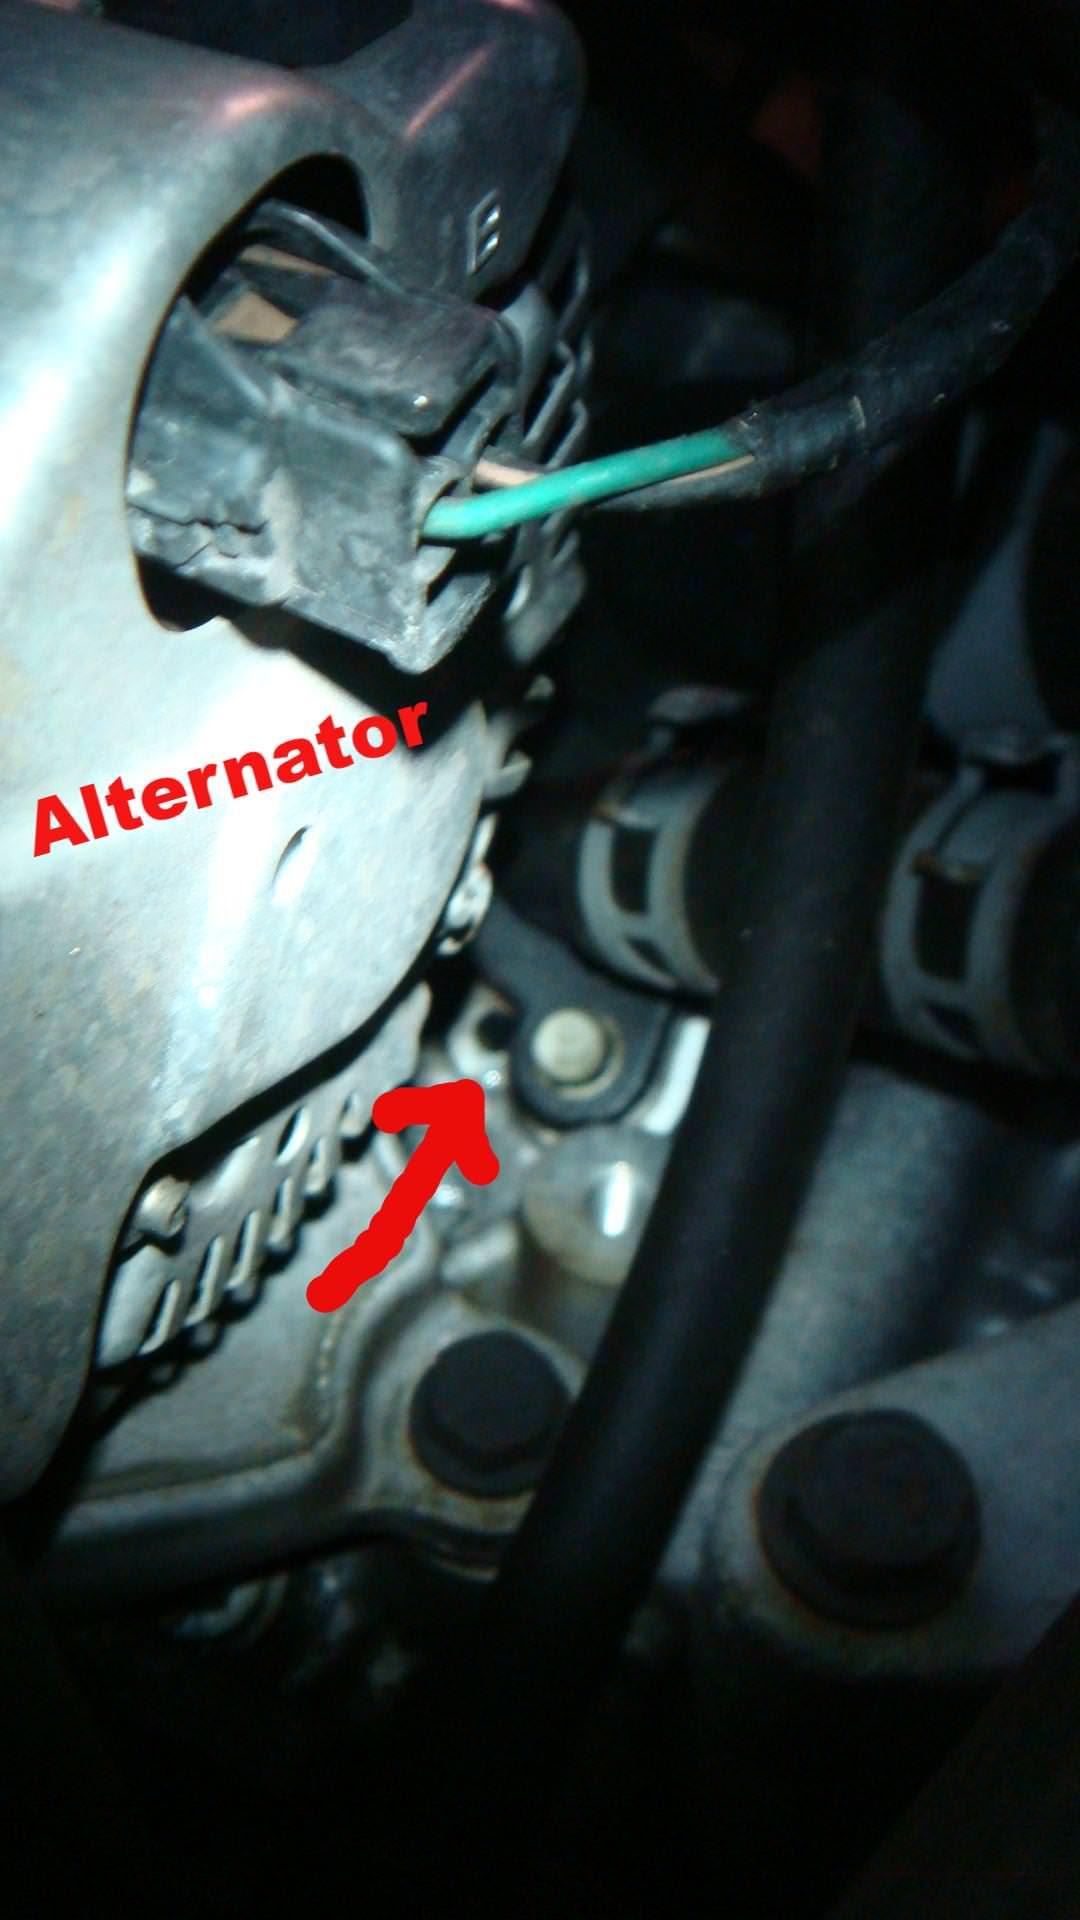 2006 Dodge Stratu 2 7 Engine Diagram